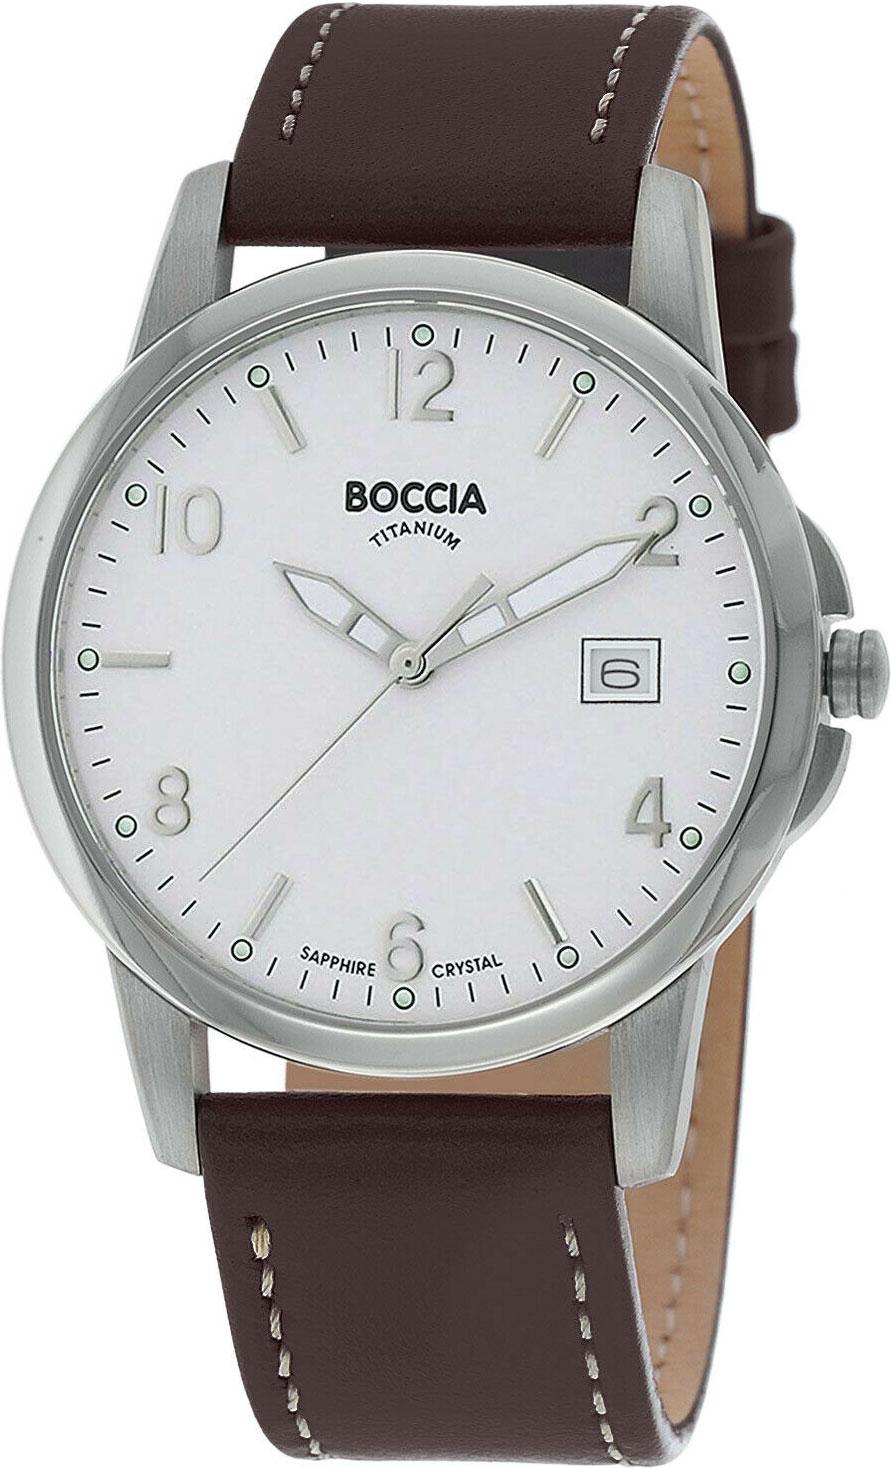 Мужские часы Boccia Titanium 3625-01